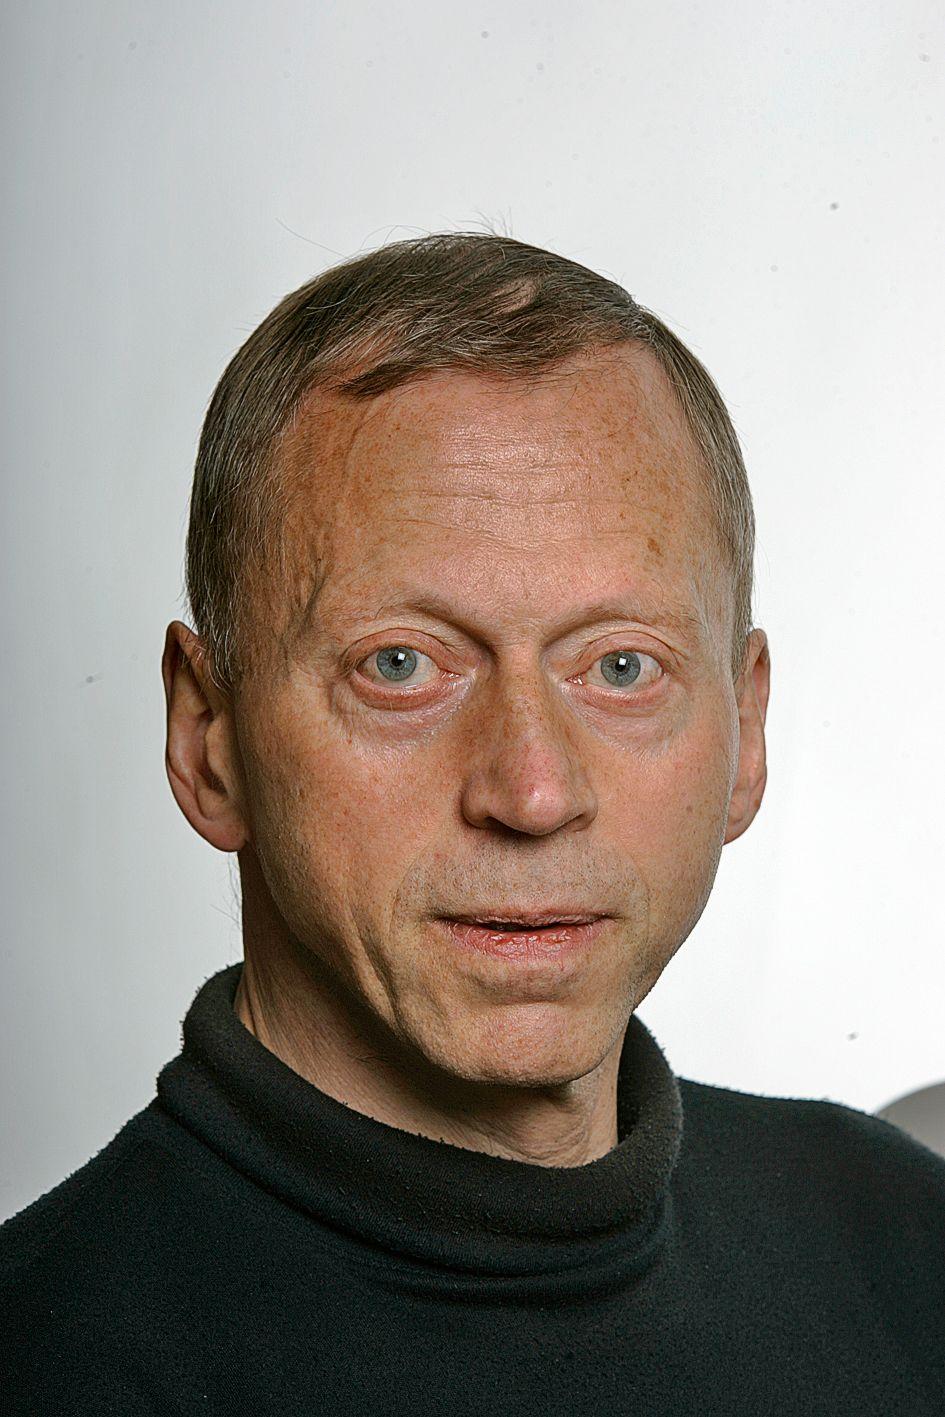 SOLIDE KUNNSKAPER:  Georg Øvsthus hevet seg over øyeblikkets dramatikk, han ville ha frem årsakene, skriver Atle M. Skjærstad i minneordet.